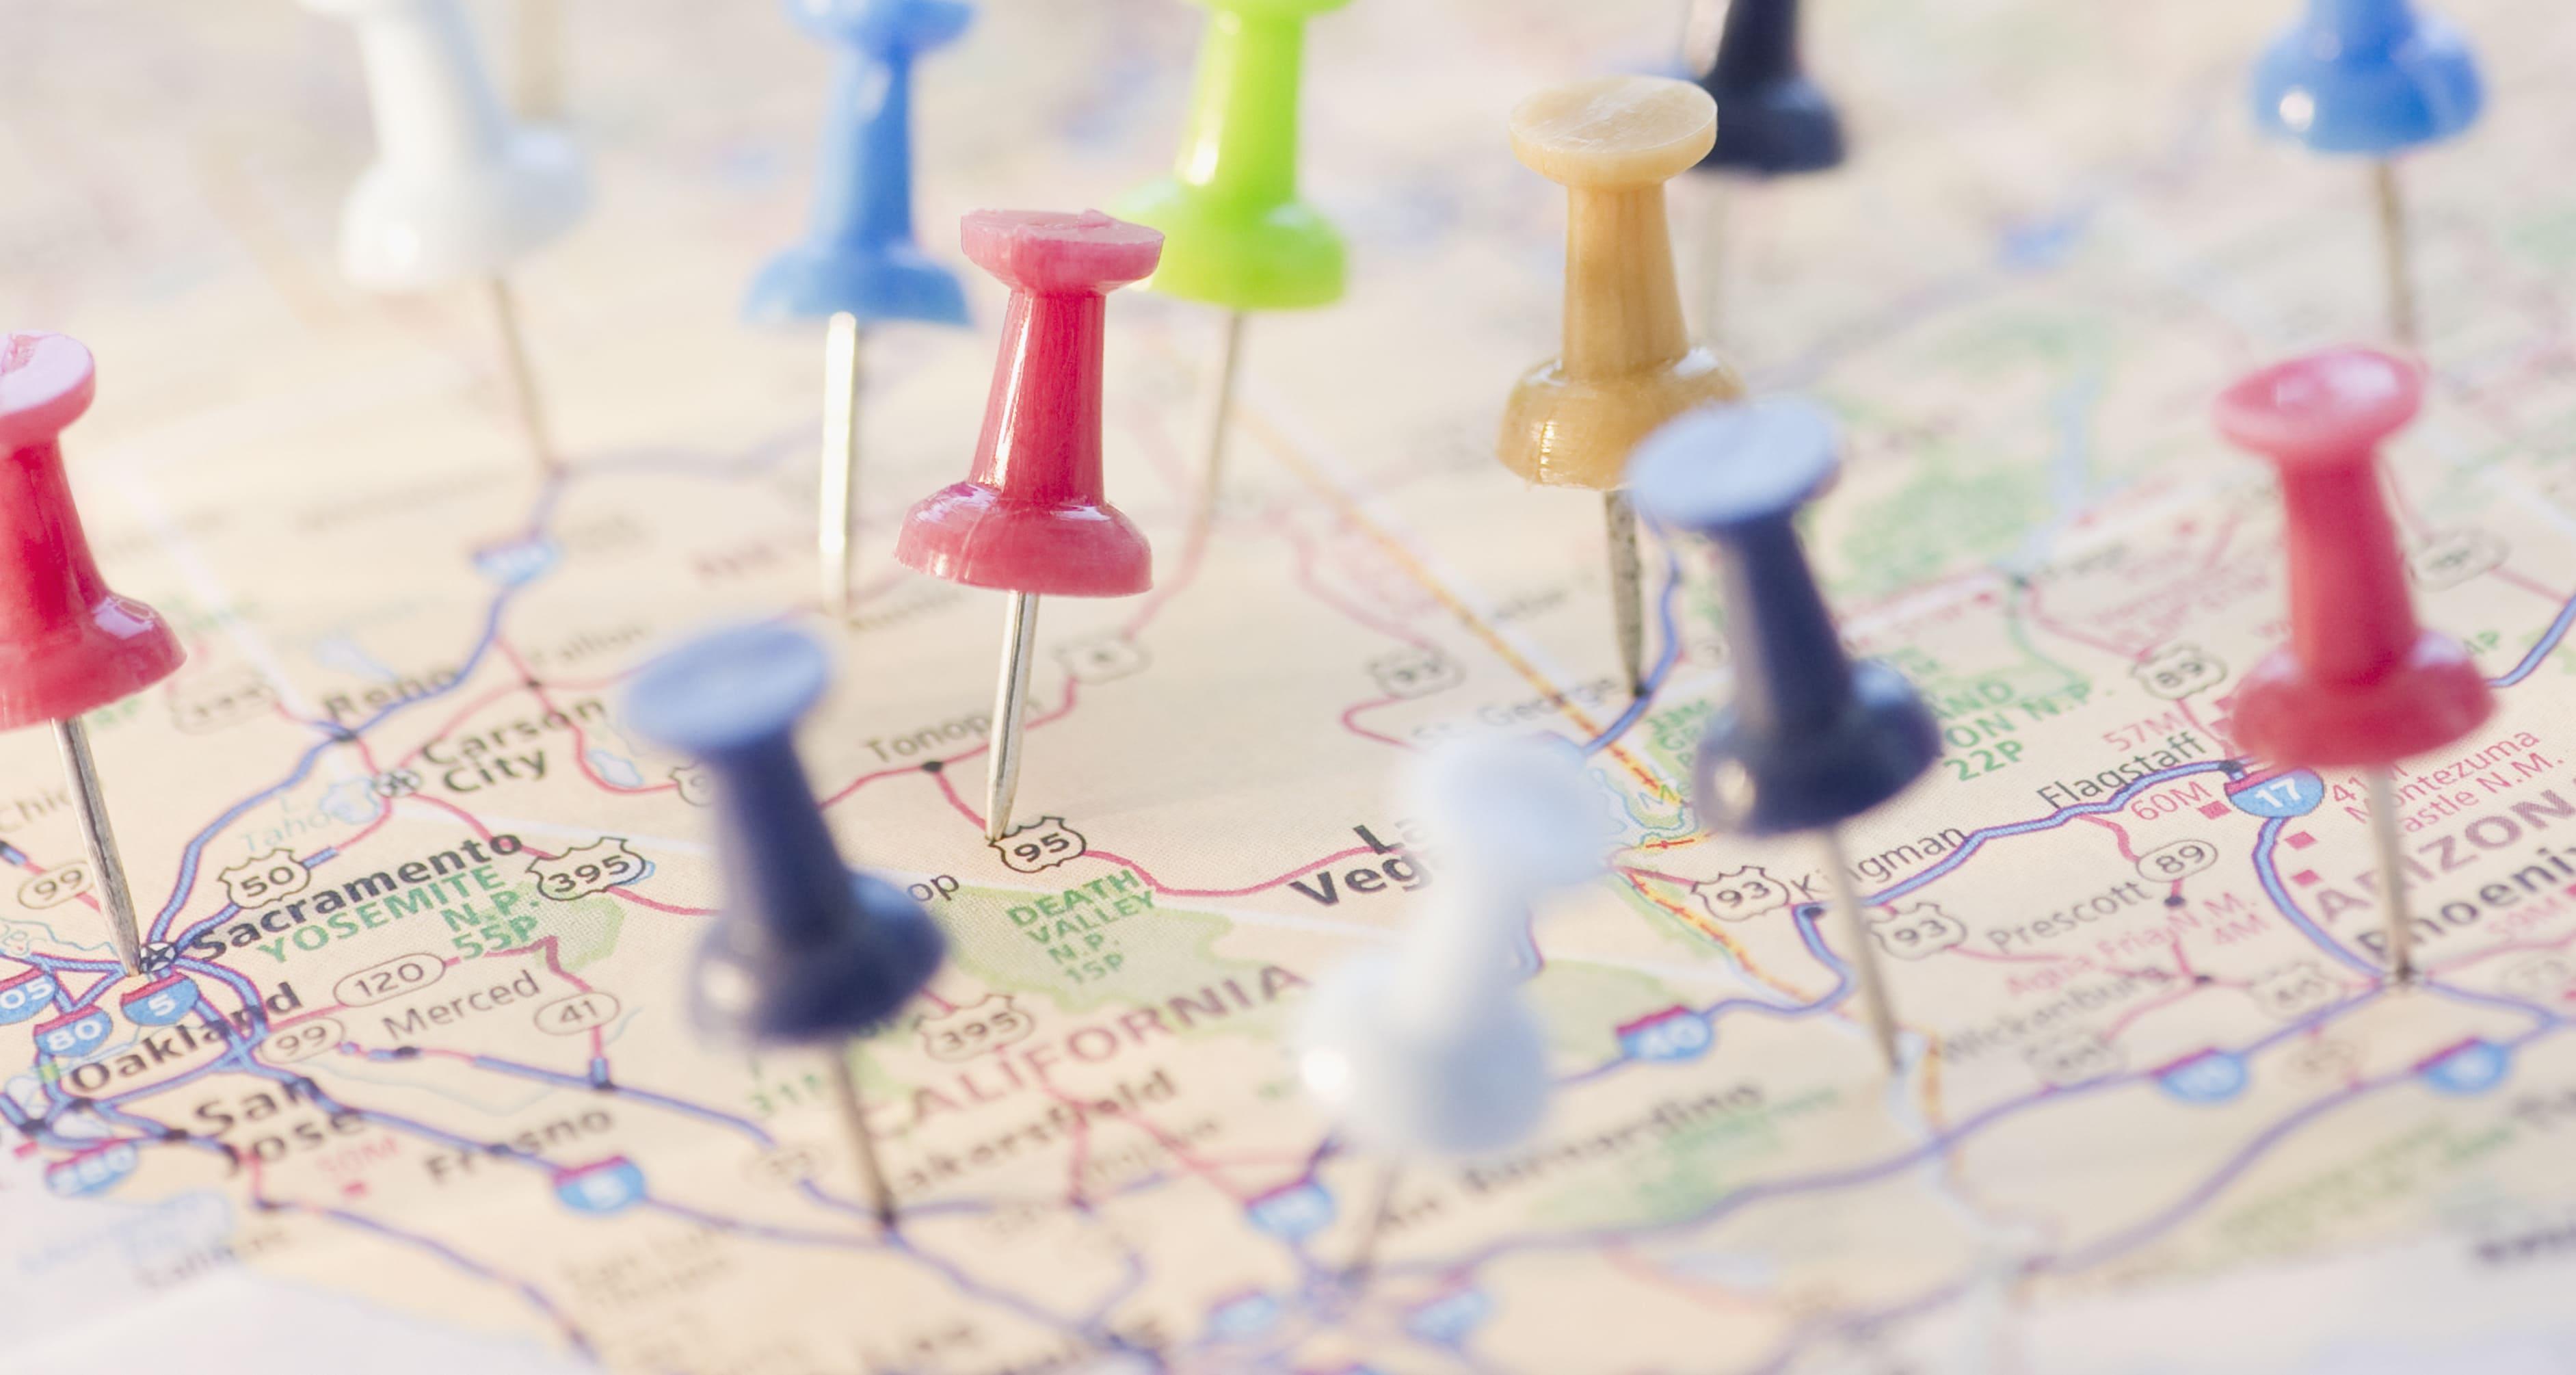 nttw event map u s travel association